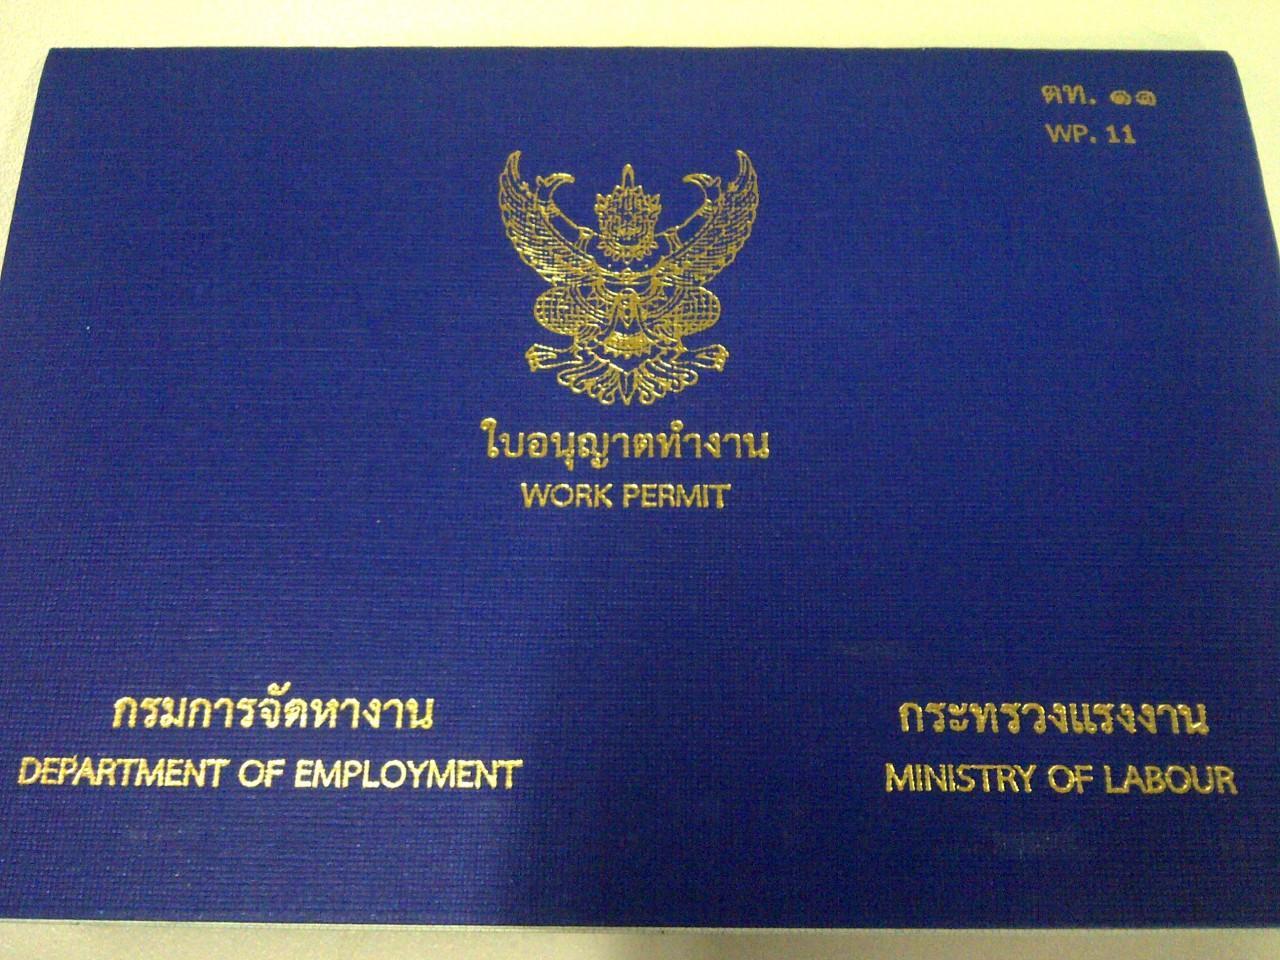 Так выглядит разрешение на работу в Таиланде